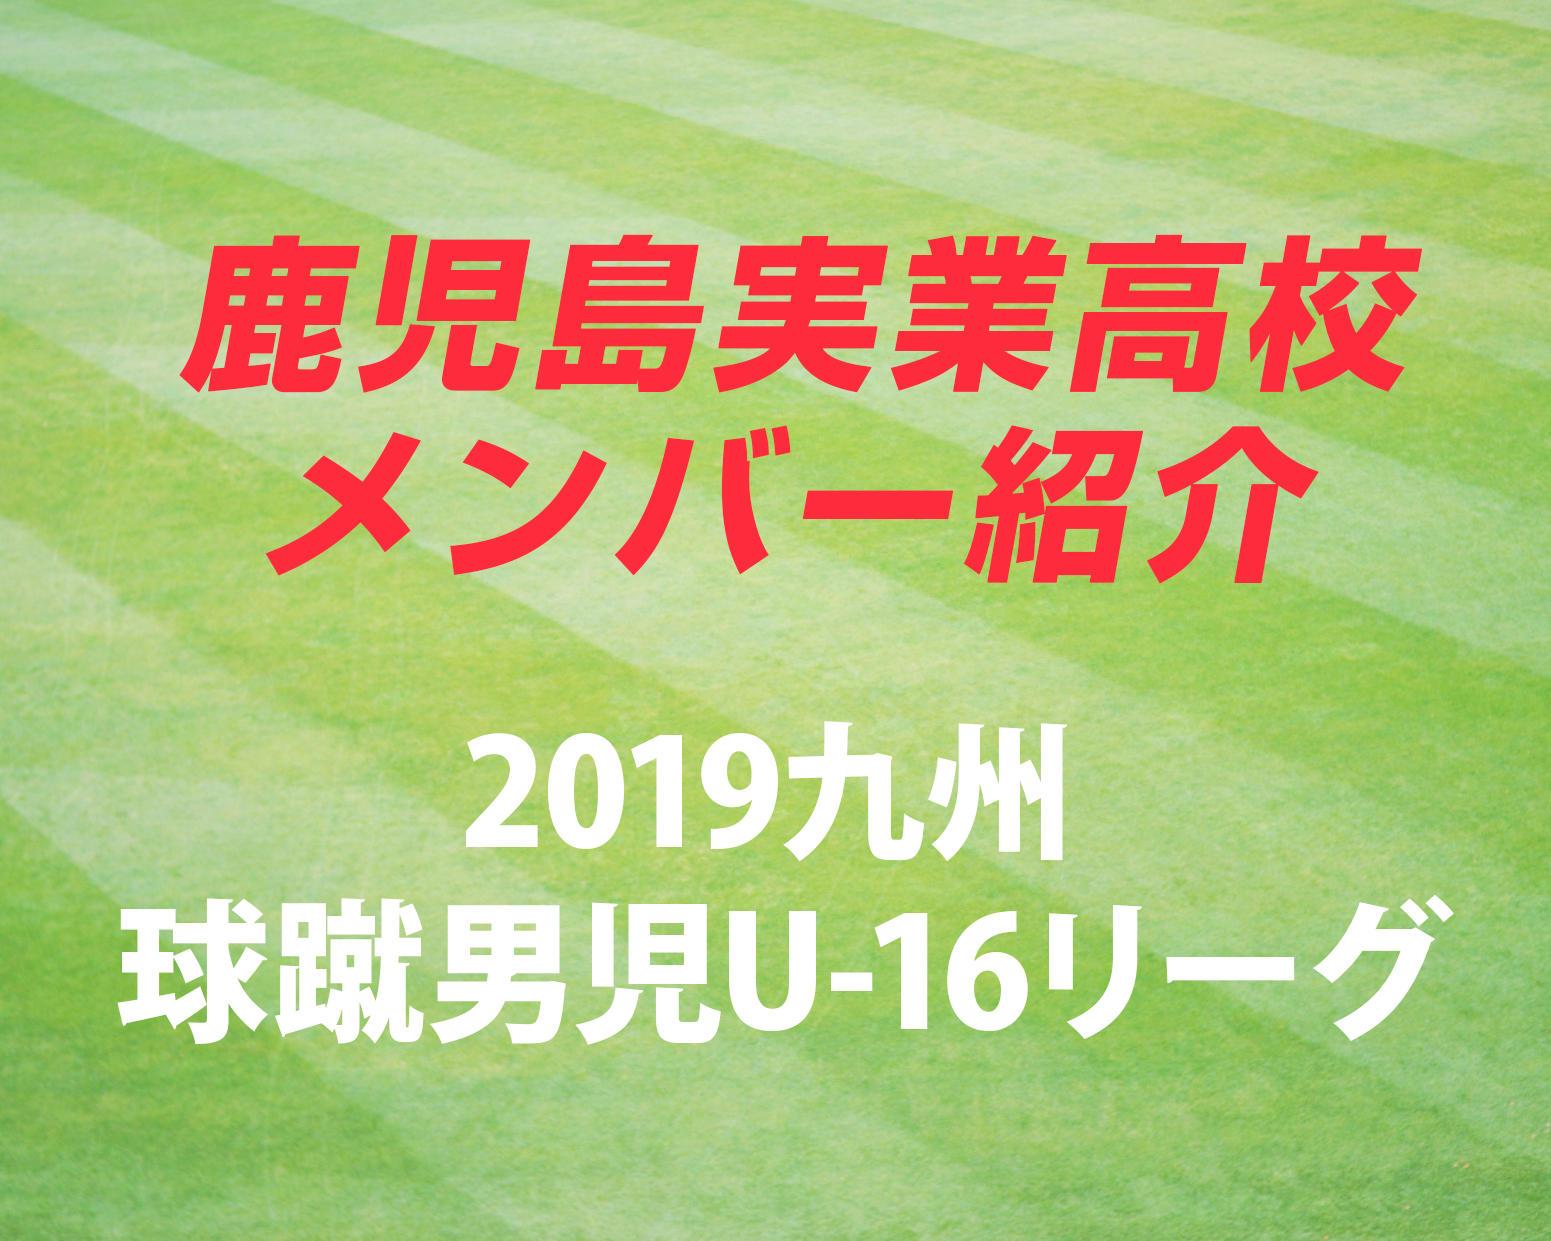 鹿児島の名門・鹿児島実業高校サッカー部のメンバー紹介!(2019 球蹴男児U-16  D2リーグ)